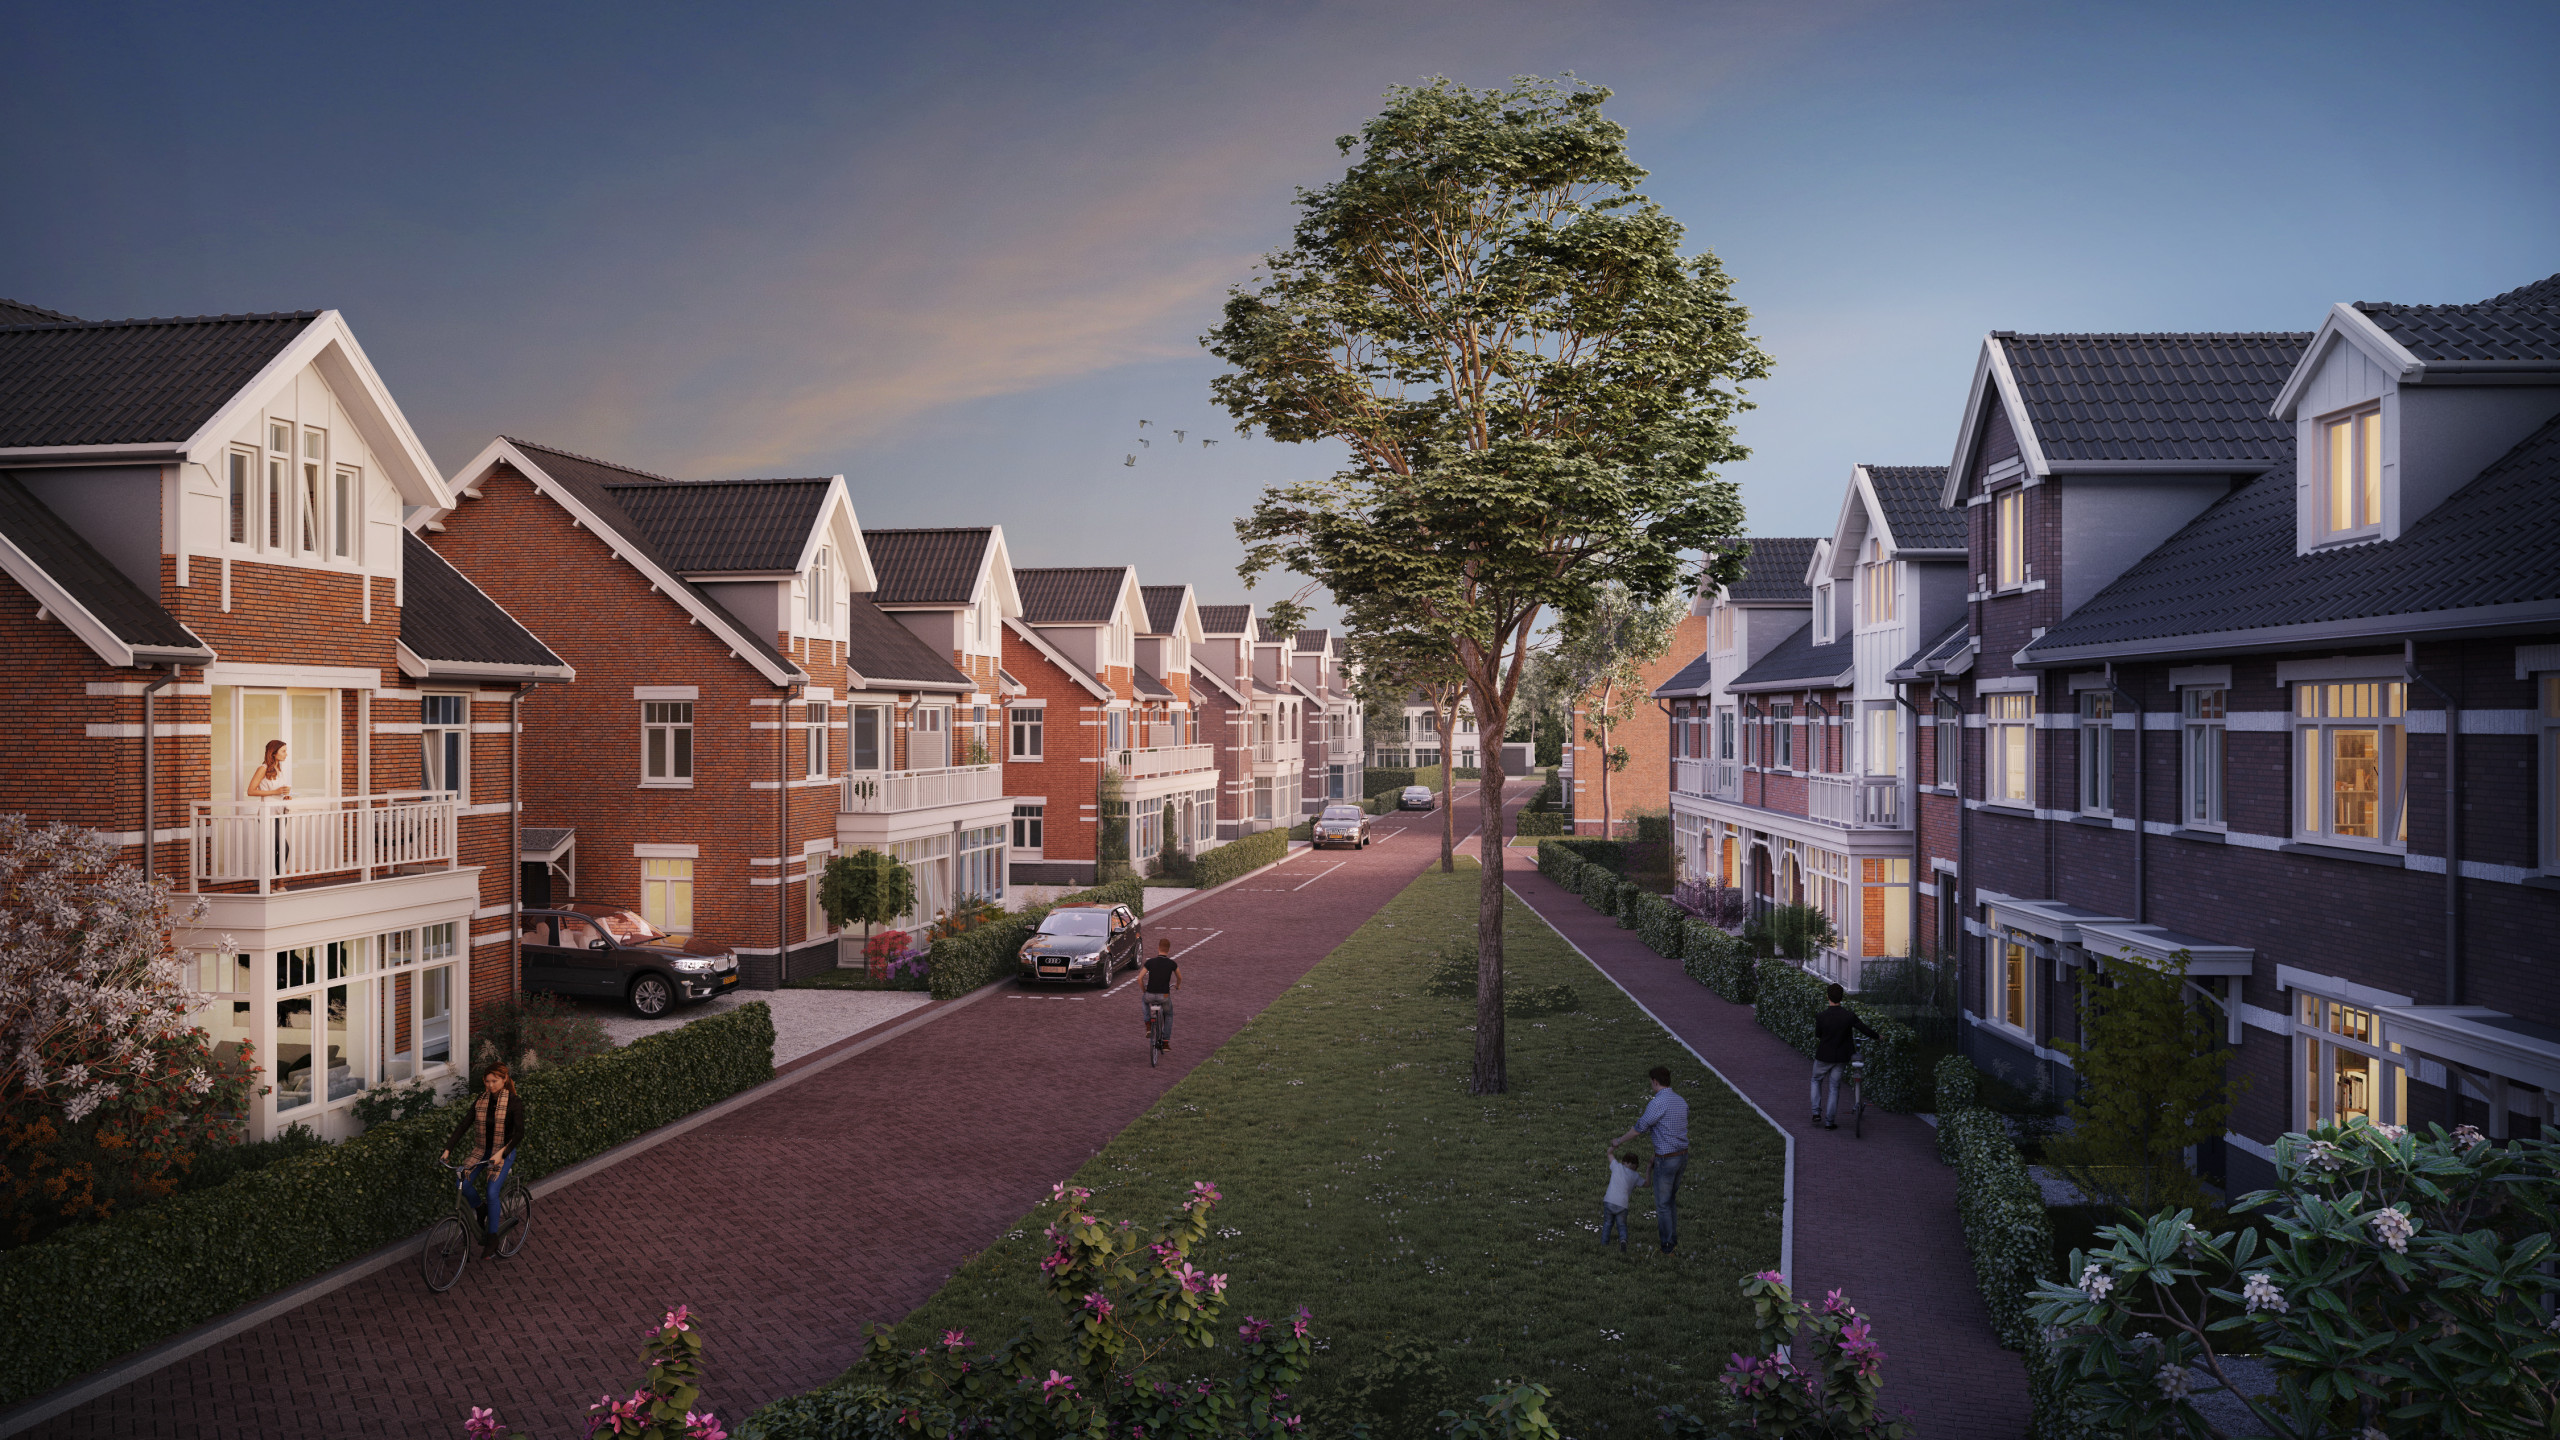 Beeldenfabriek - Vroondaal - Den Haag